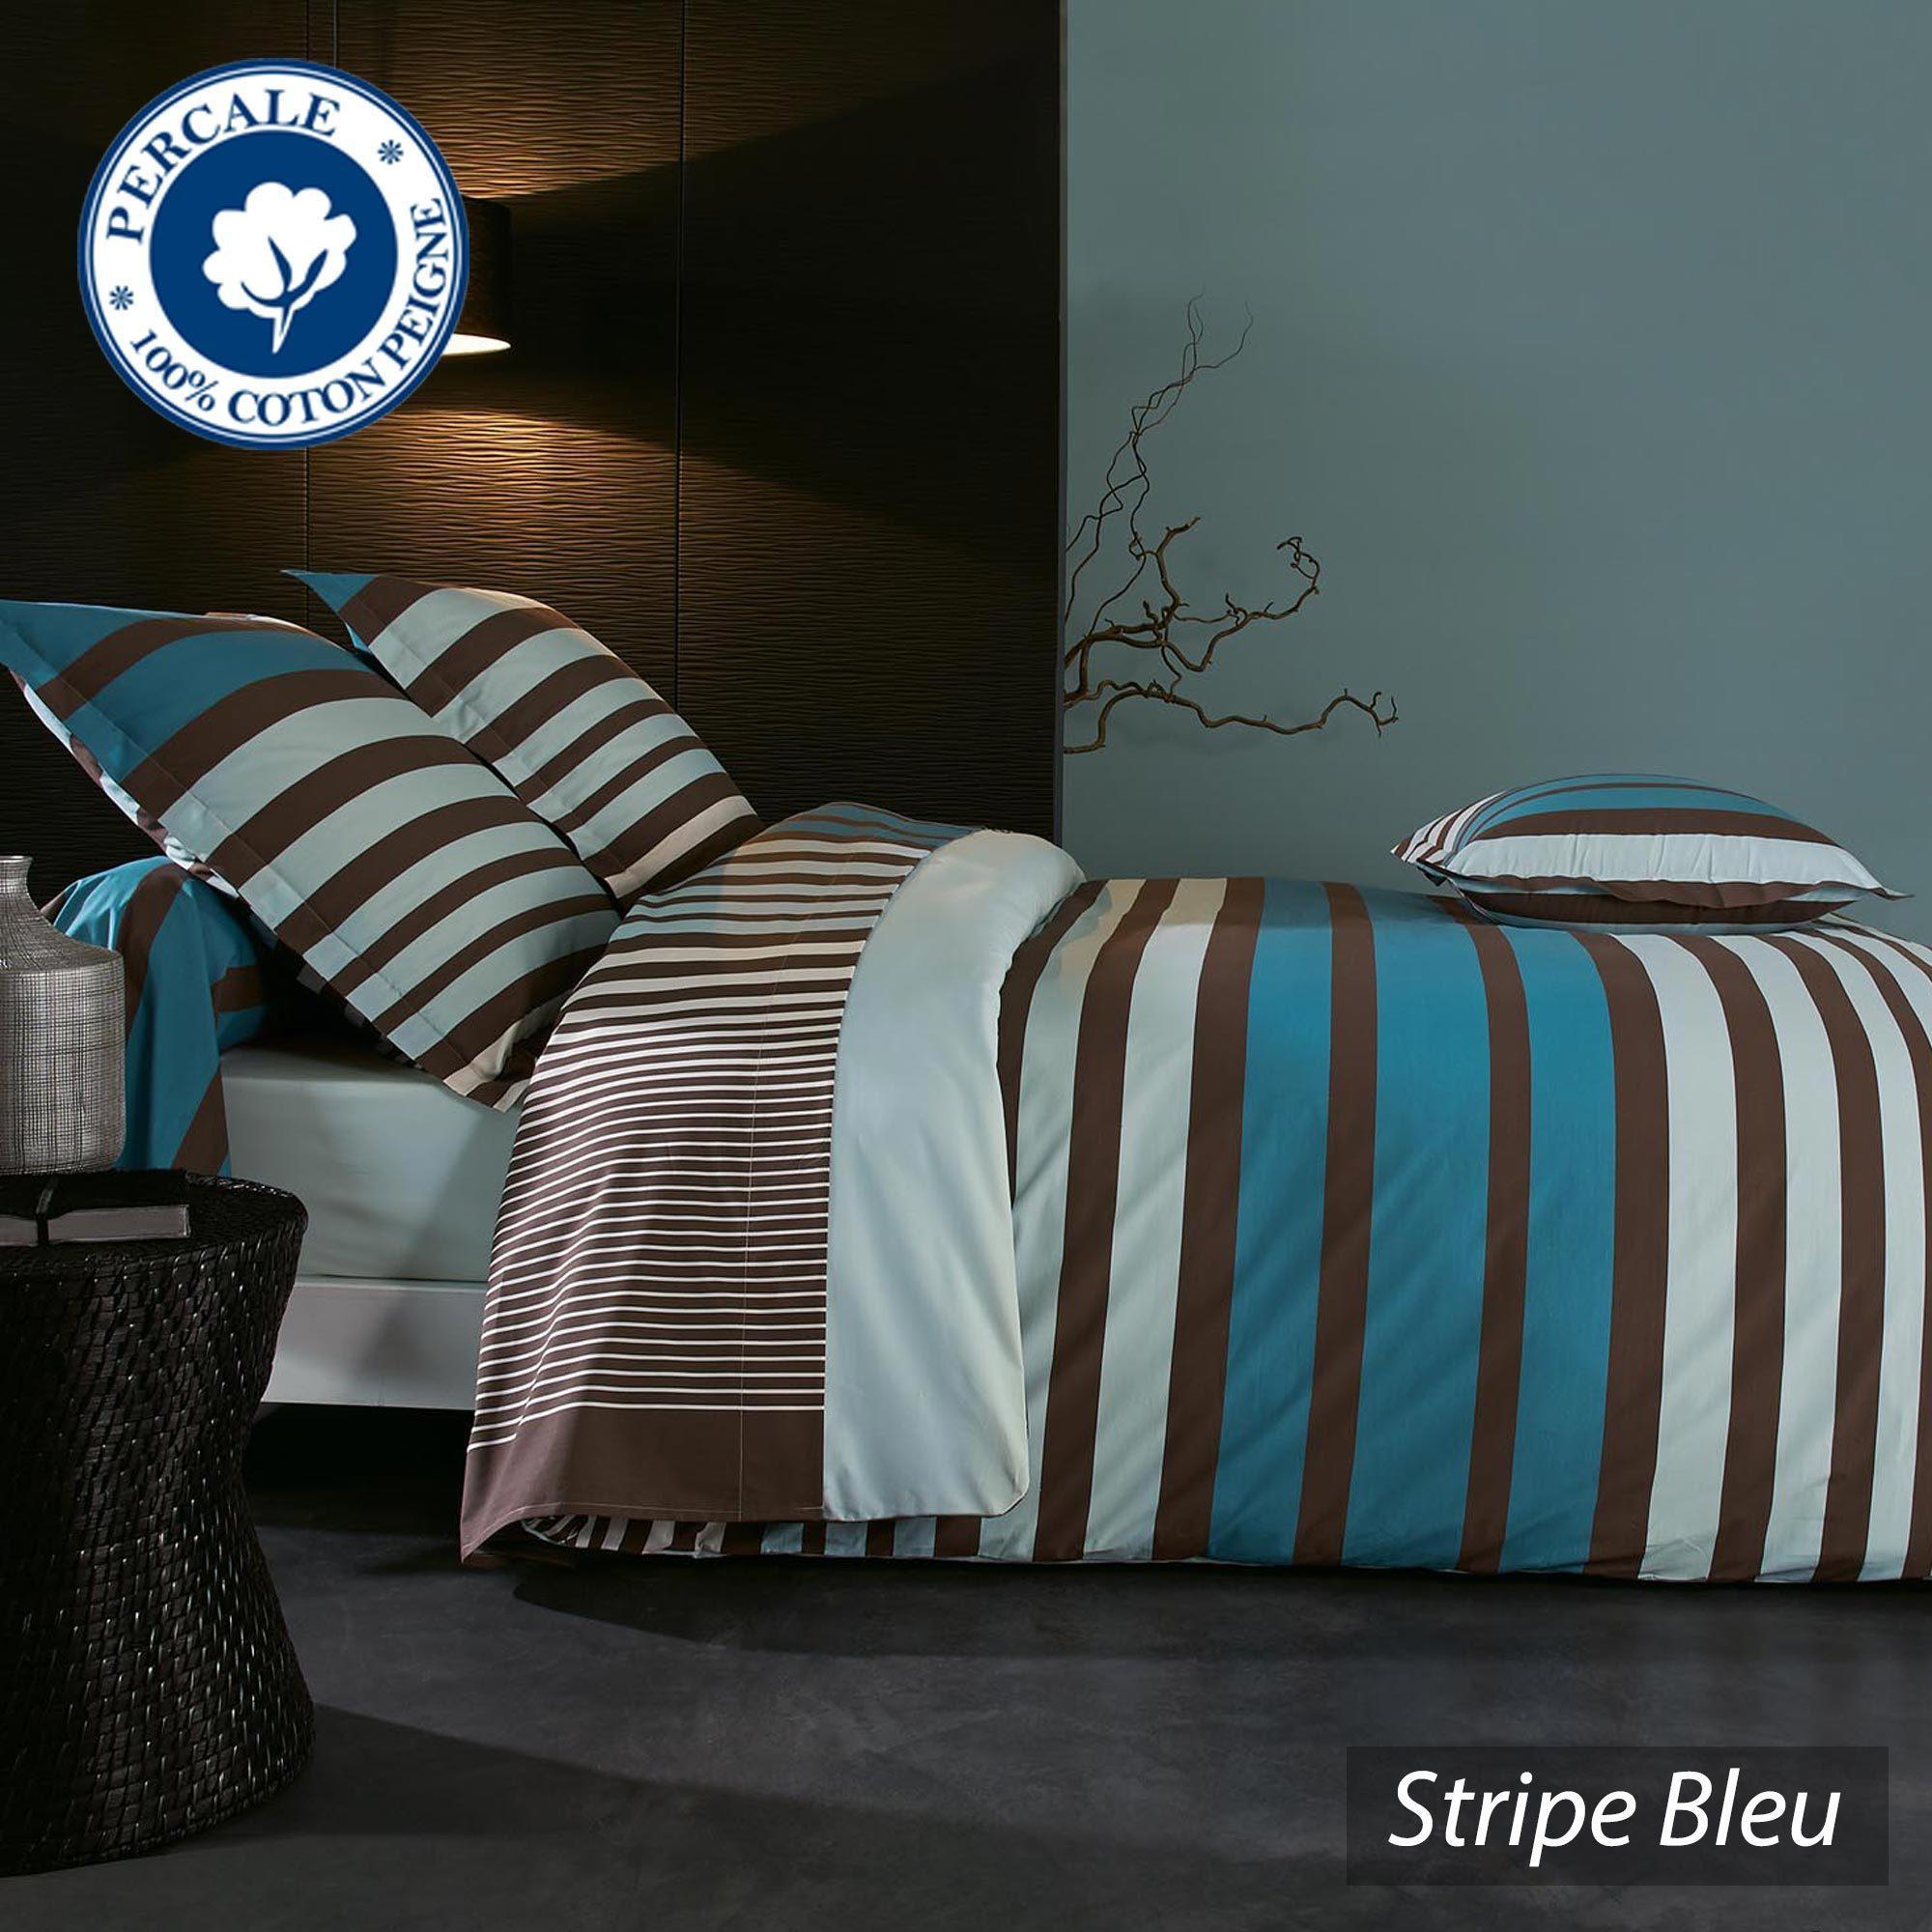 parure de lit percale pur coton peign 240x220 cm stripe bleu linnea vente de linge de maison. Black Bedroom Furniture Sets. Home Design Ideas